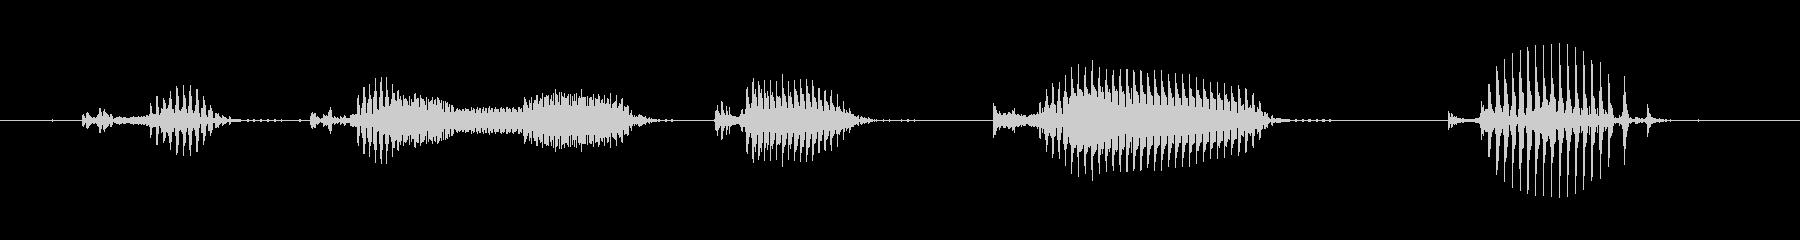 【日数・経過】9日経過の未再生の波形